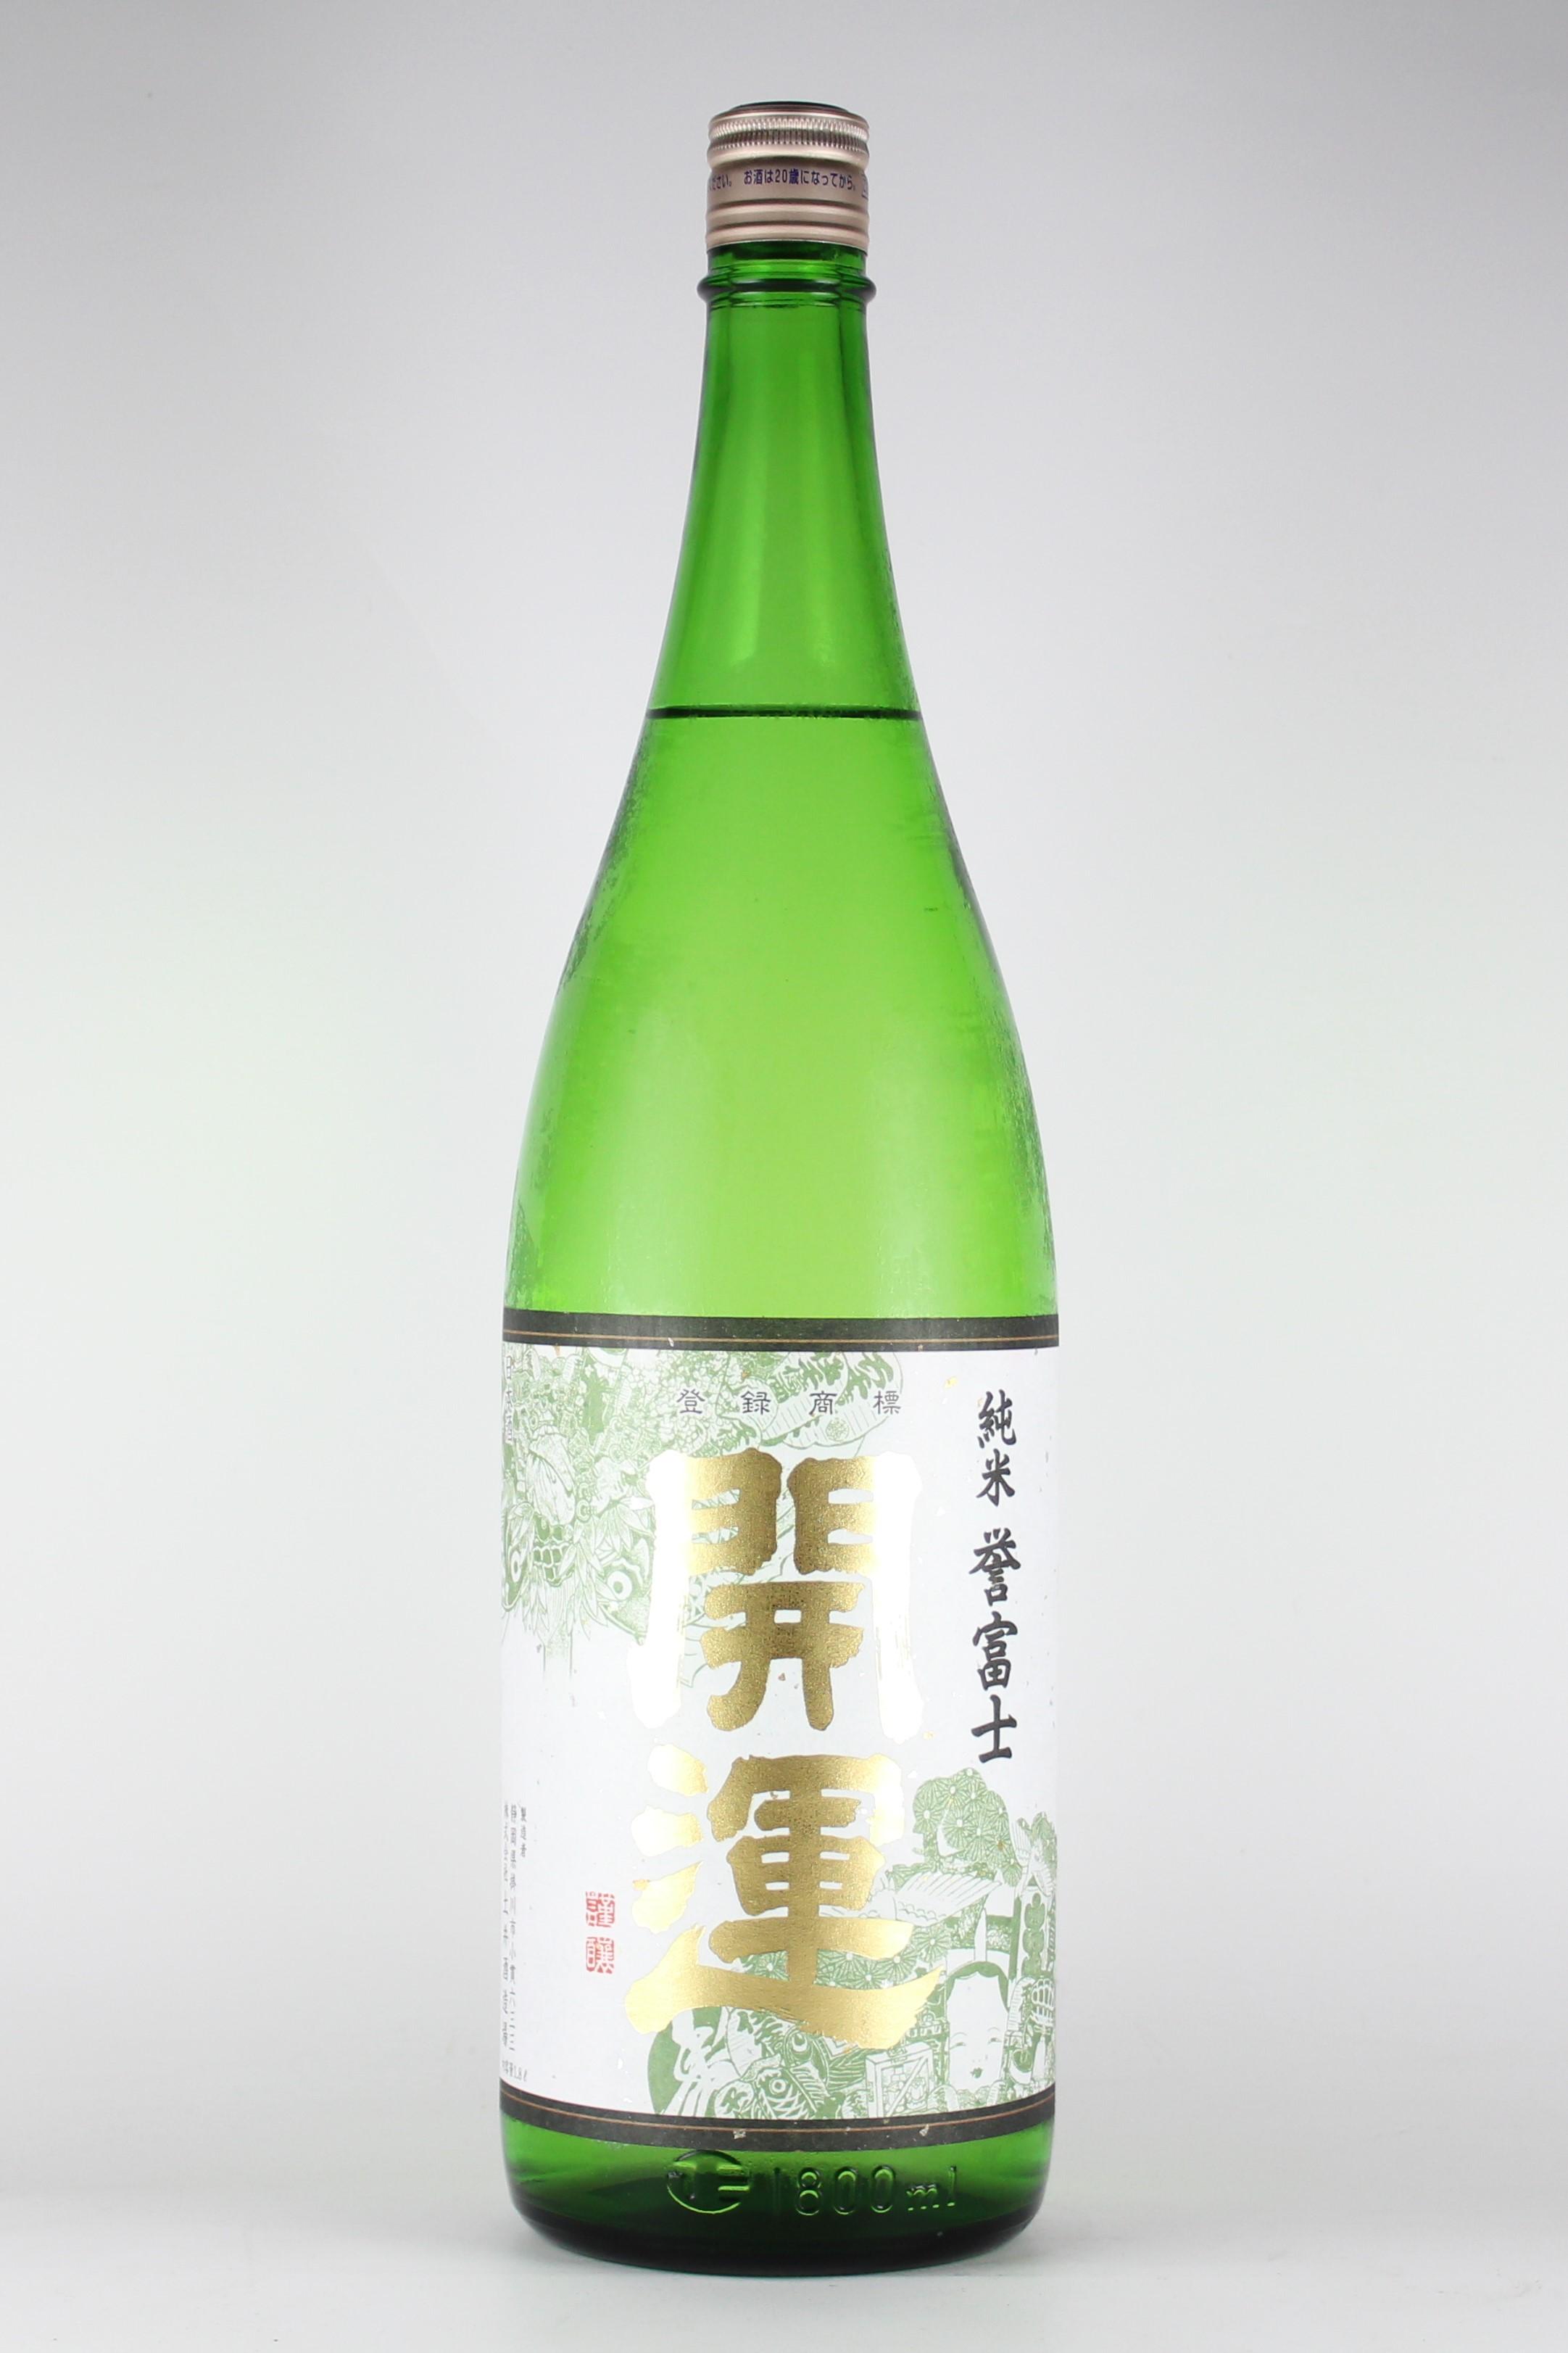 開運 純米 一回火入れ 誉富士 1800ml 【静岡/土井酒造場】